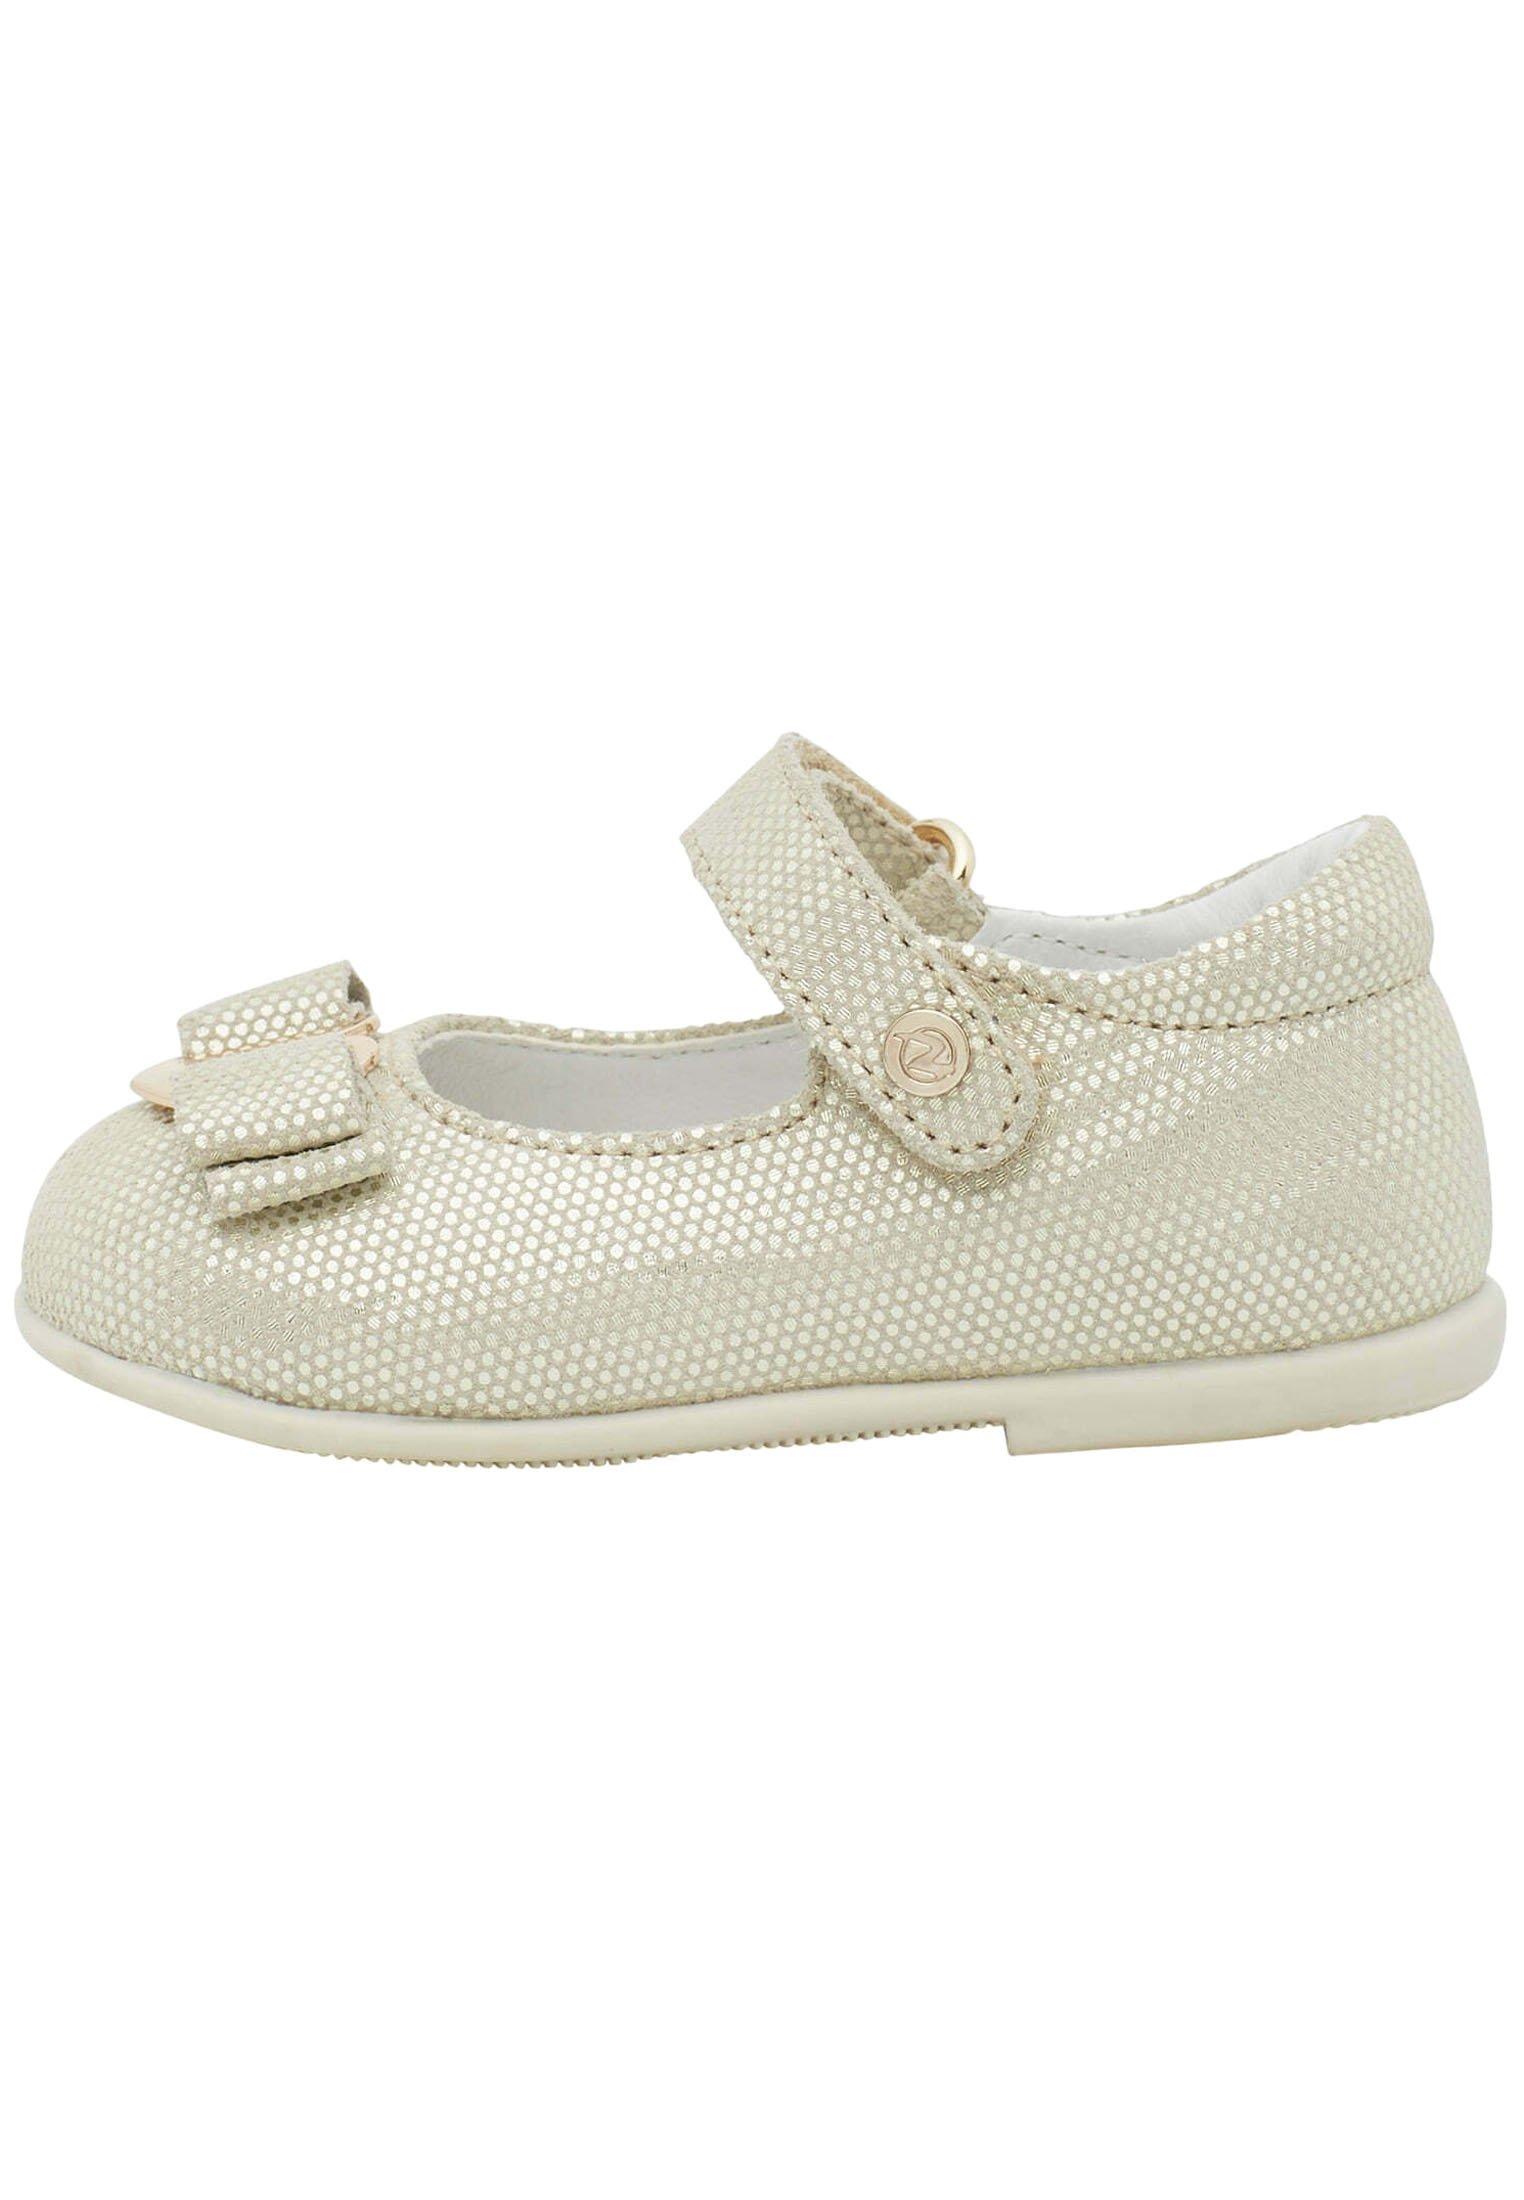 Enfant JETE - Chaussures premiers pas